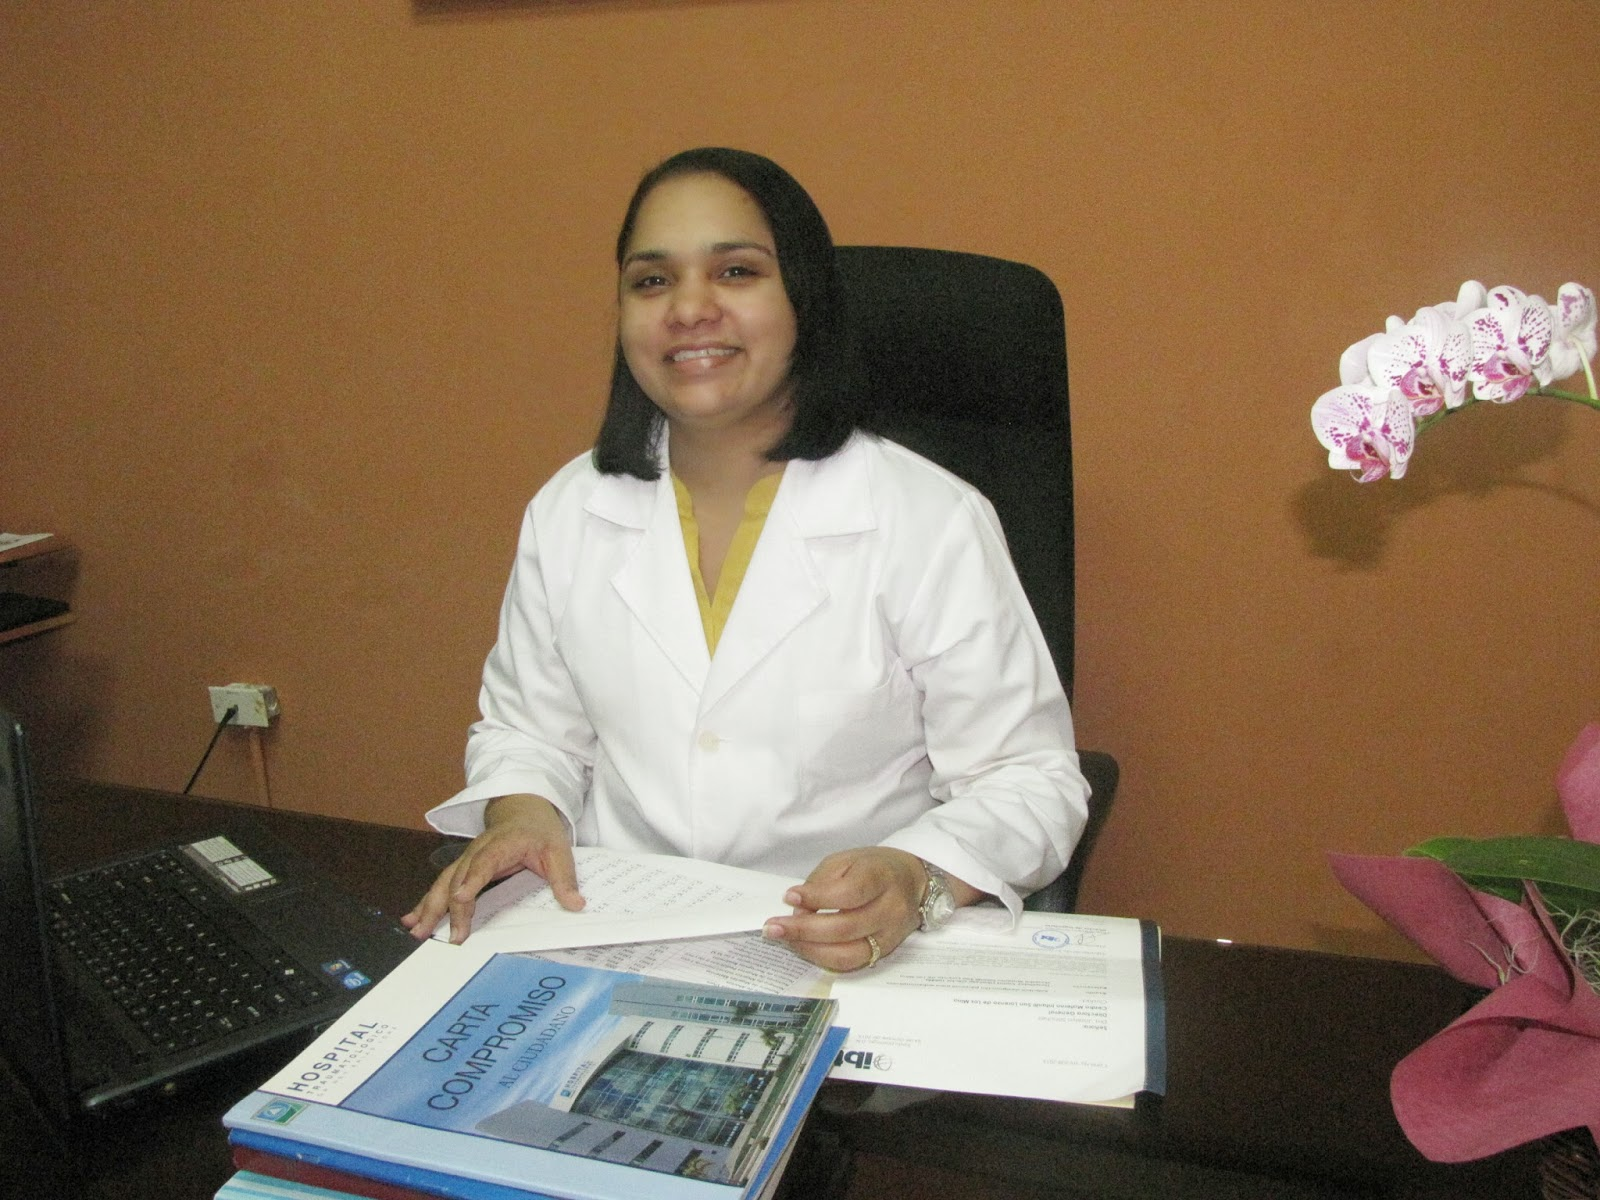 Maternidad La Altagracia invita medios a visitar área Nueva y Moderna área de perinatología.